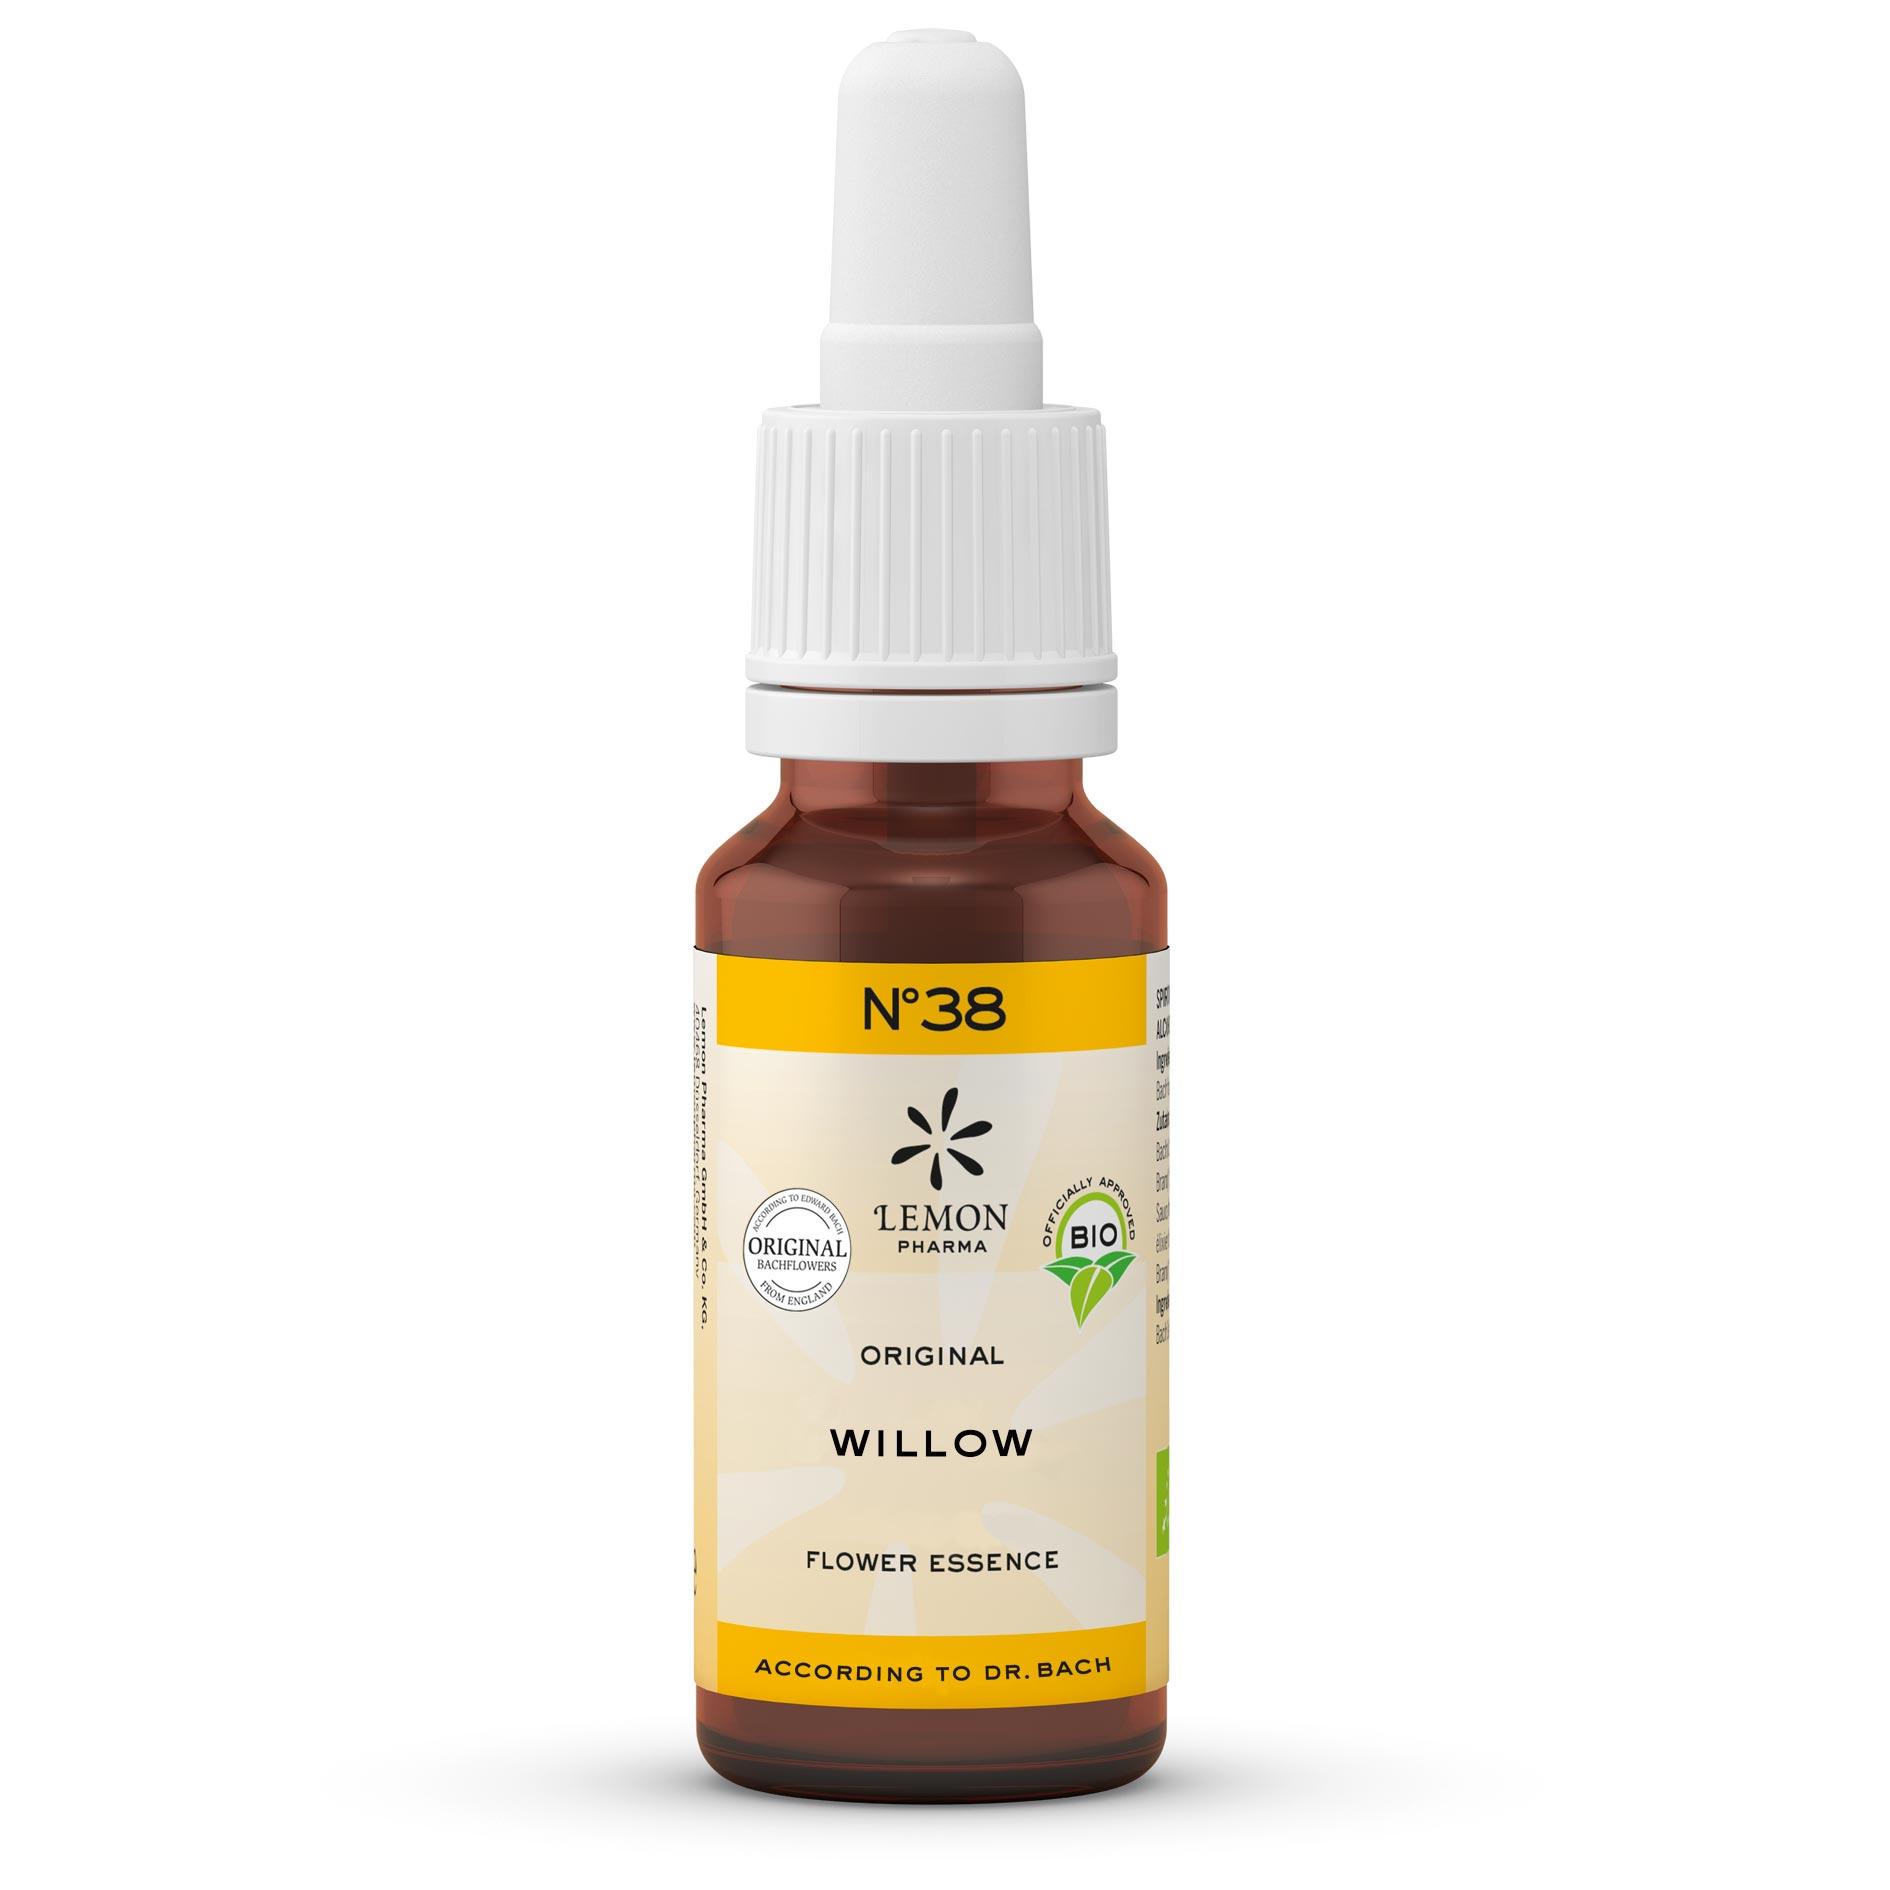 Gotas Flores de Bach Lemon Pharma Original Nº 38 Willow Sauce Autoresponsabilidad